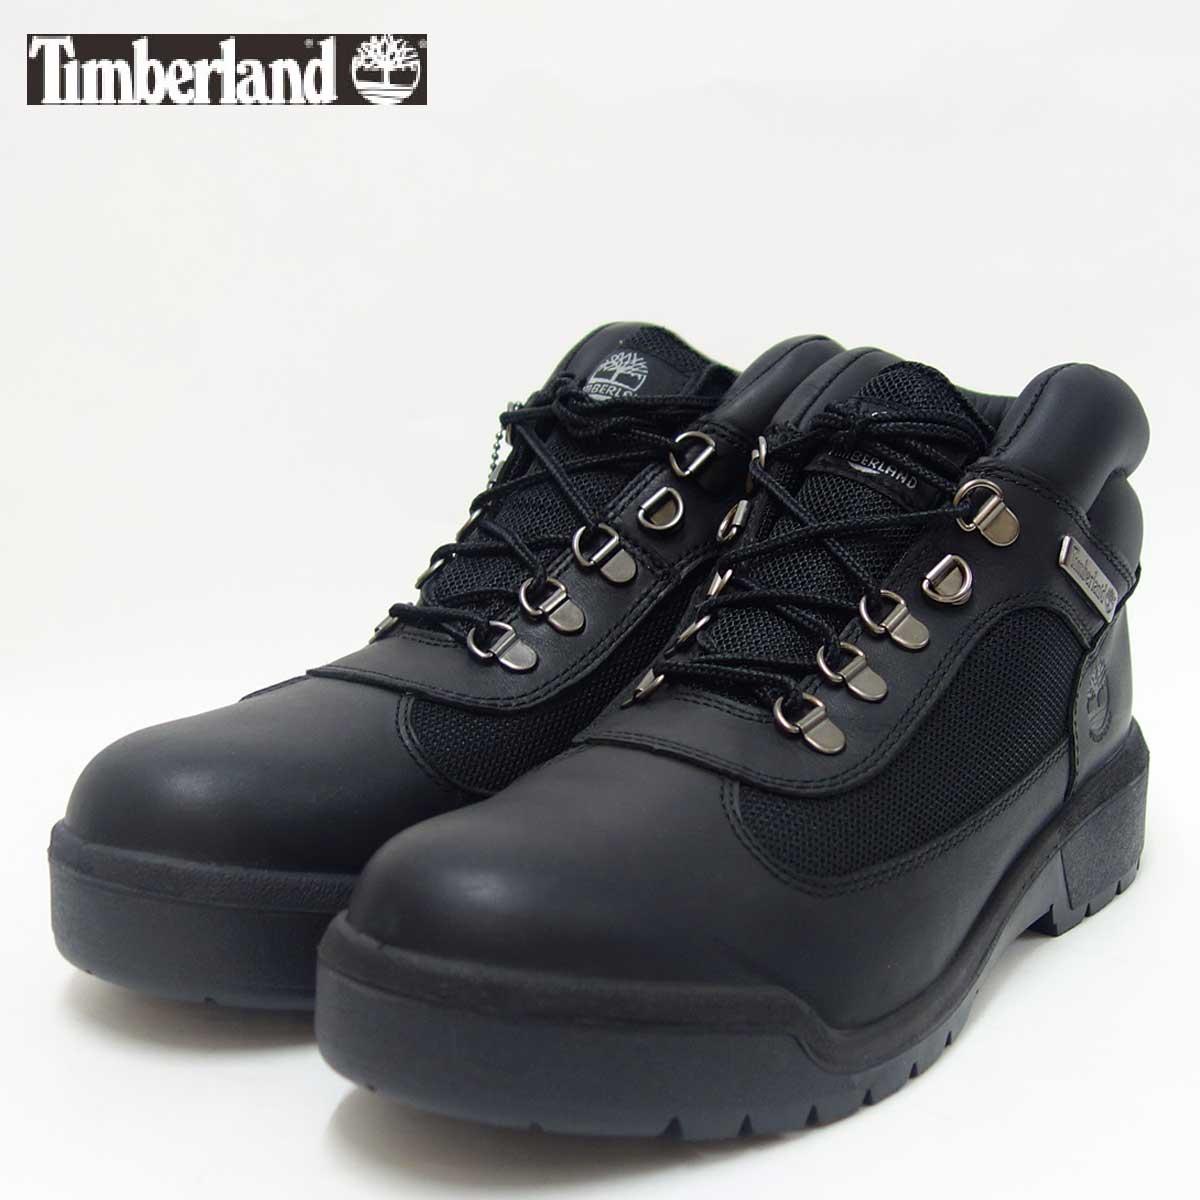 『Timberland』ティンバーランドa17ky ブラック(メンズ)フィールドブーツファブリック アンド レザー ウォータープルーフ『靴』